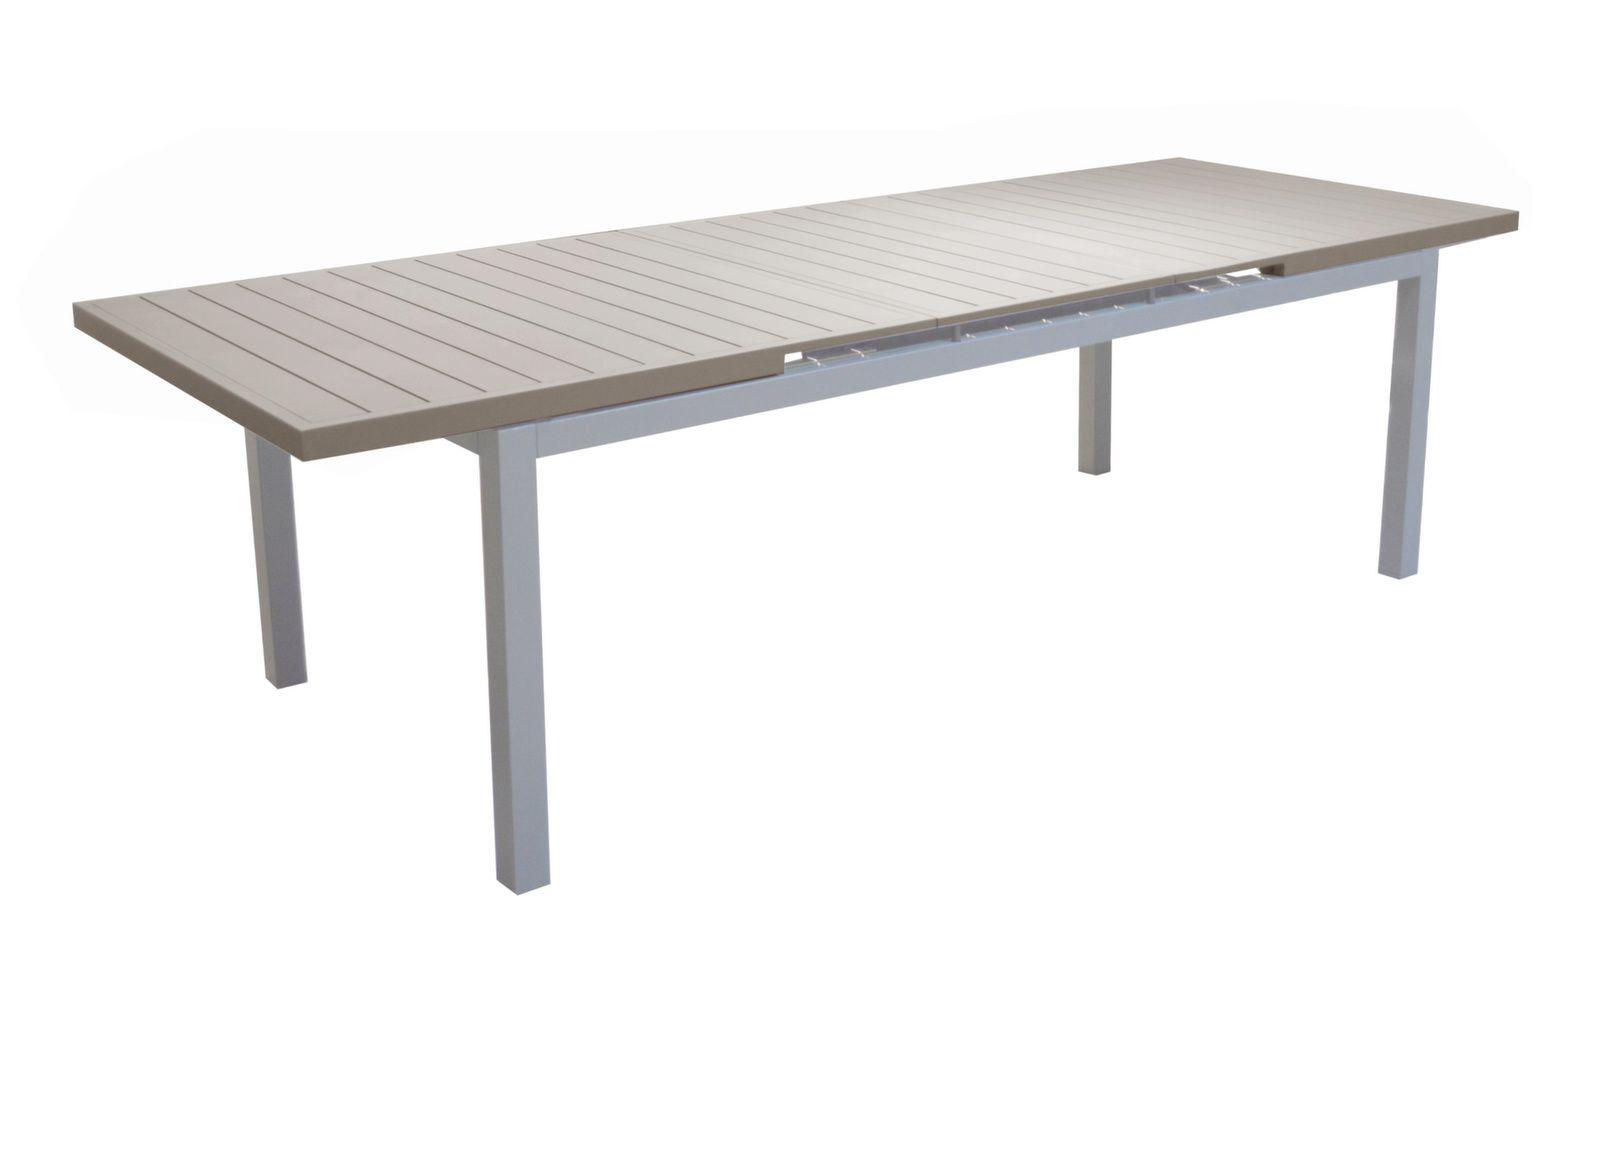 De Pour Housse Protection De Pour Housse De Tables Tables Housse Protection qpGMSUzV